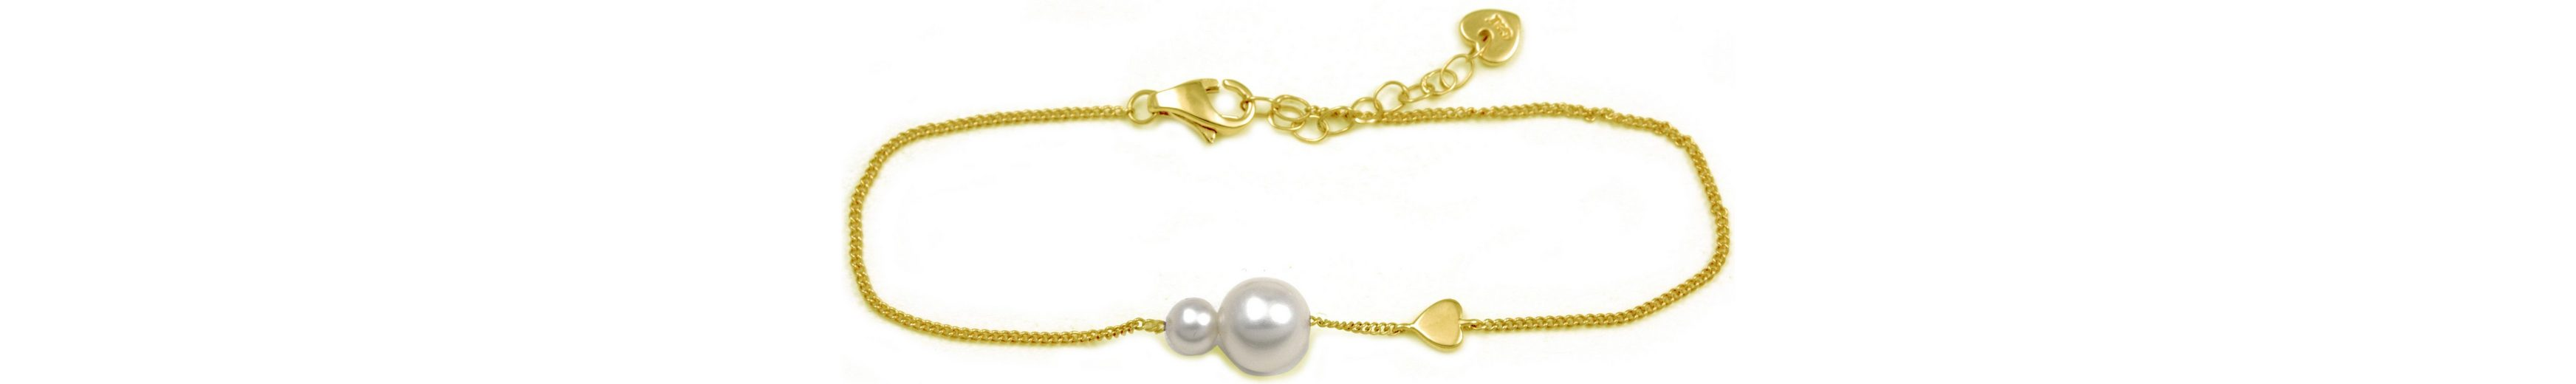 CAÏ Armband »Pearl Love, C7165B/90/46/16+3« mit Süßwasserzuchtperle